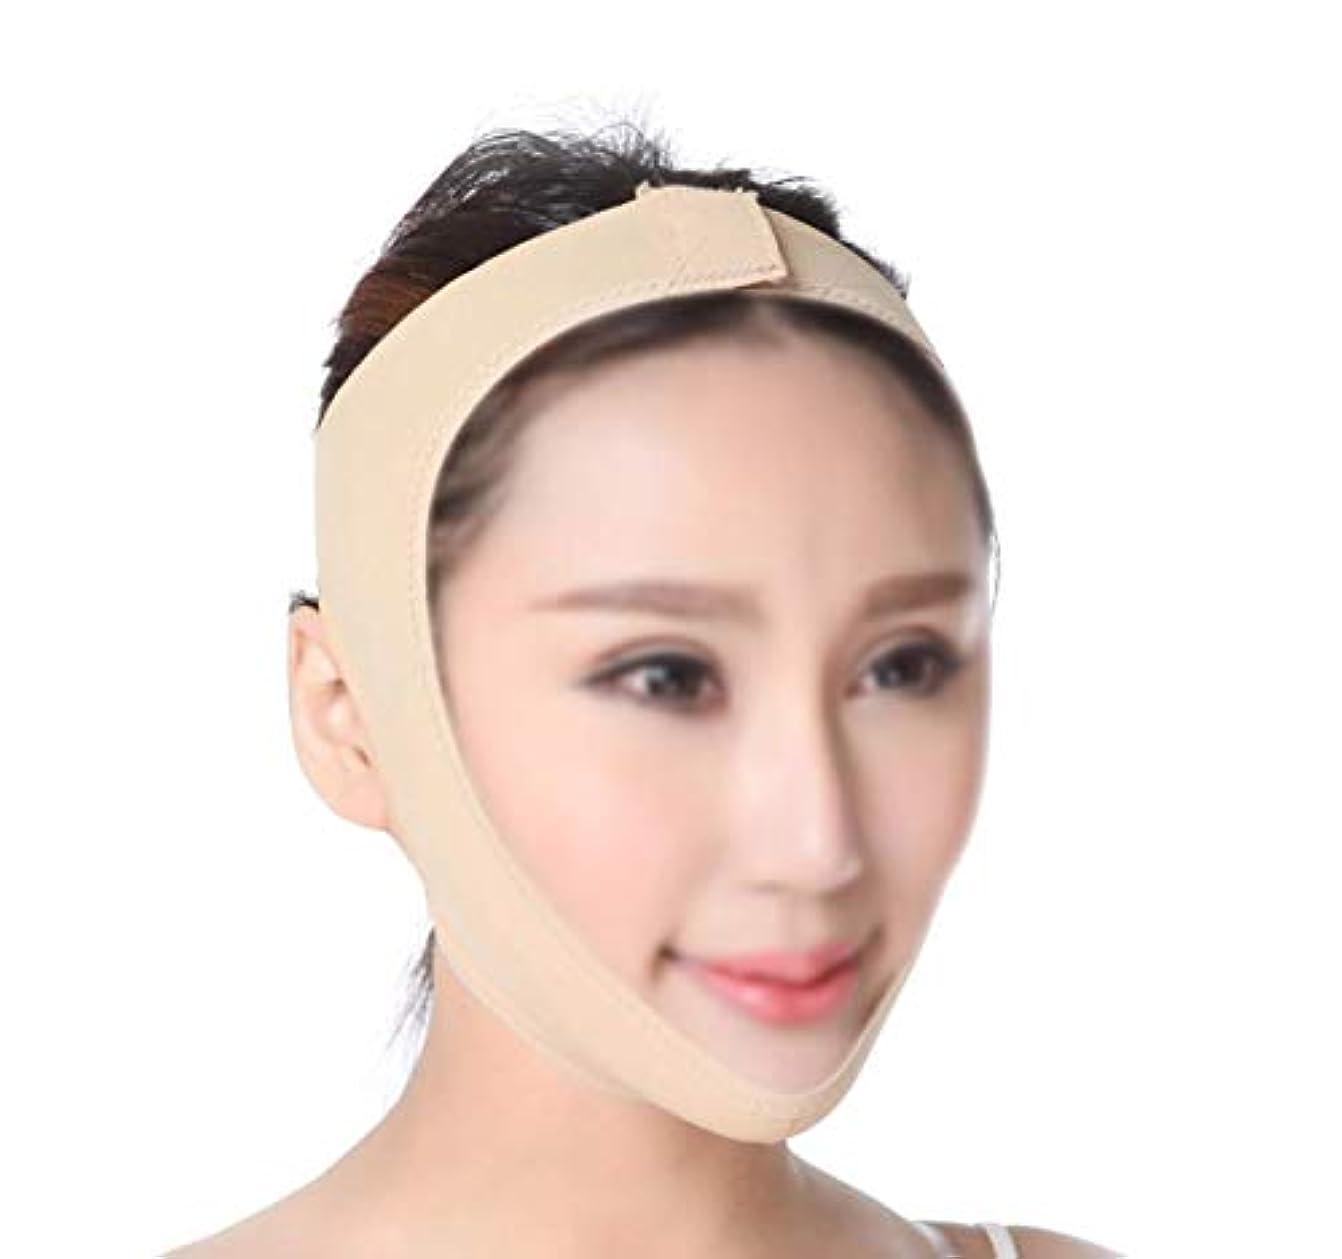 調子チキン年齢フェイスリフティング包帯、フェイシャル減量アンチシワケアフェイスリフトで肌を引き締め、二重あごを効果的に改善し、V字型の顔になります(サイズ:S),M